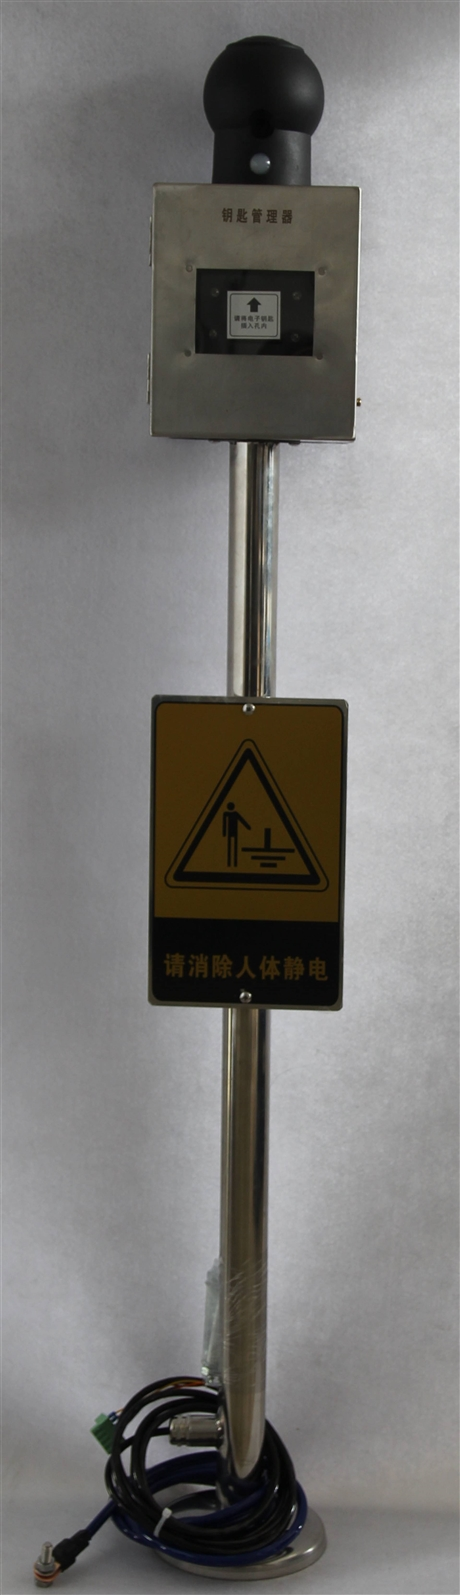 油库发油系统智能钥匙管理器